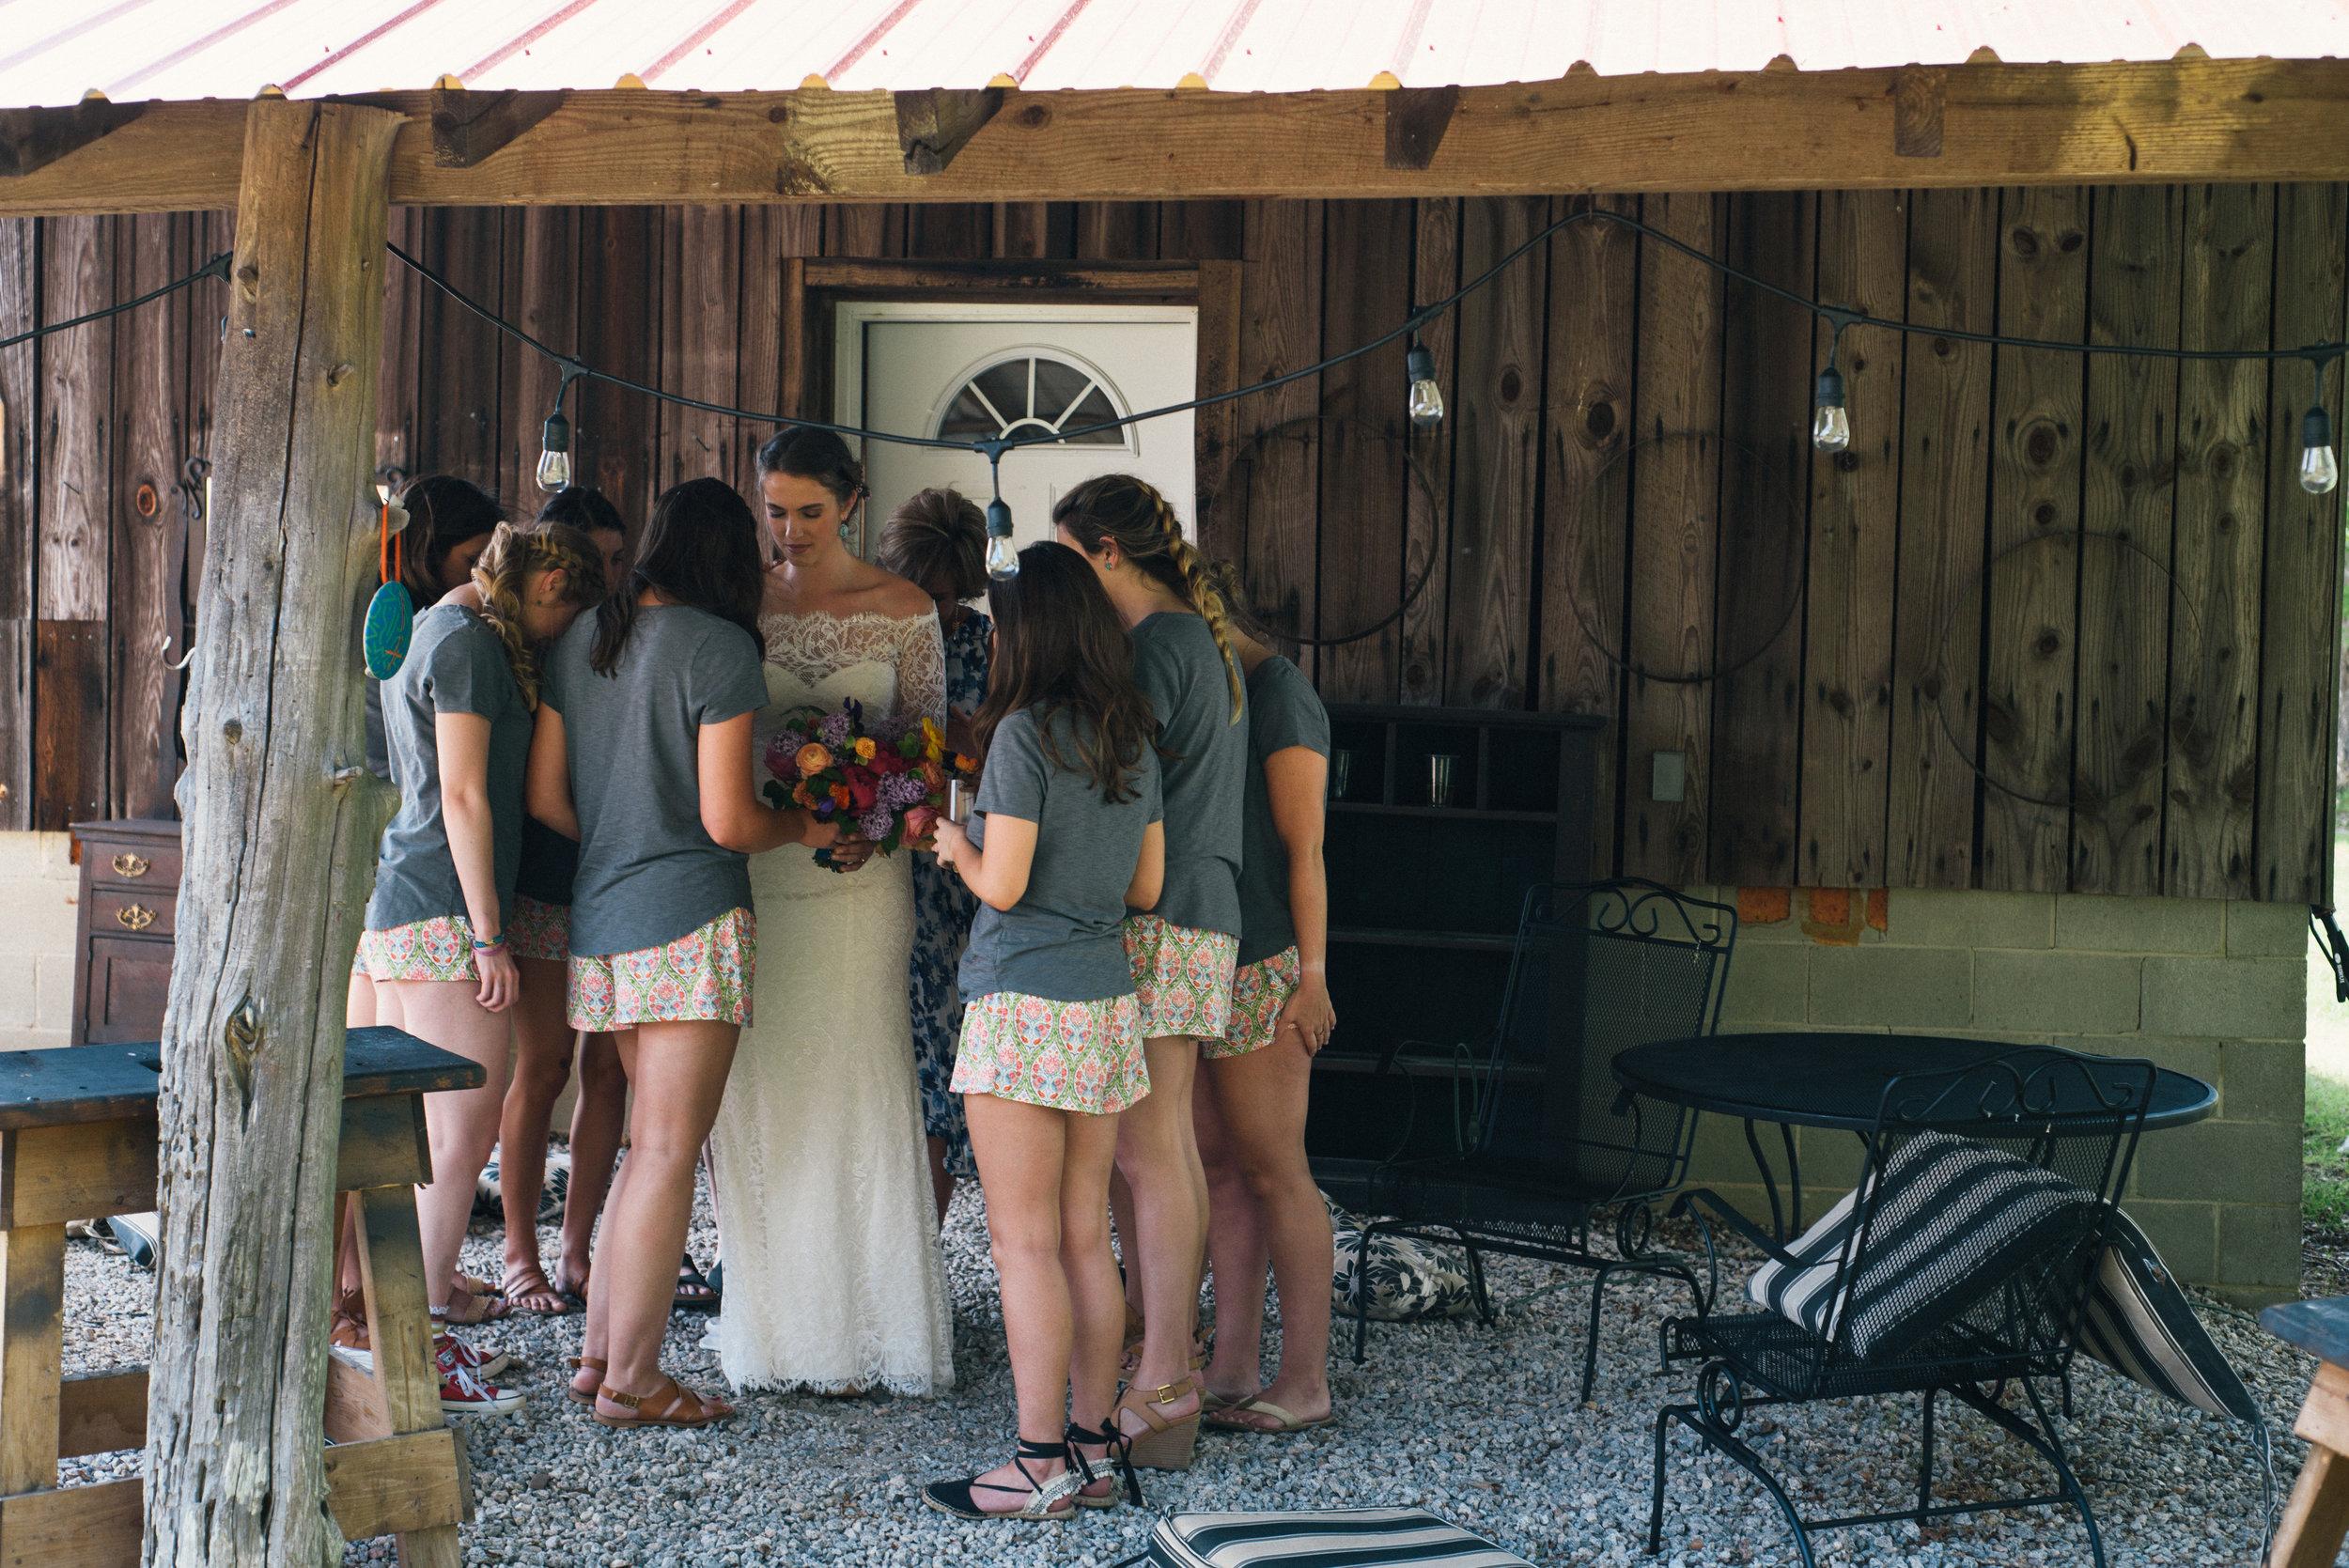 raleigh-elopement-photographer-raleigh-durham-wedding-maddie-and-devin- (13 of 162).jpg